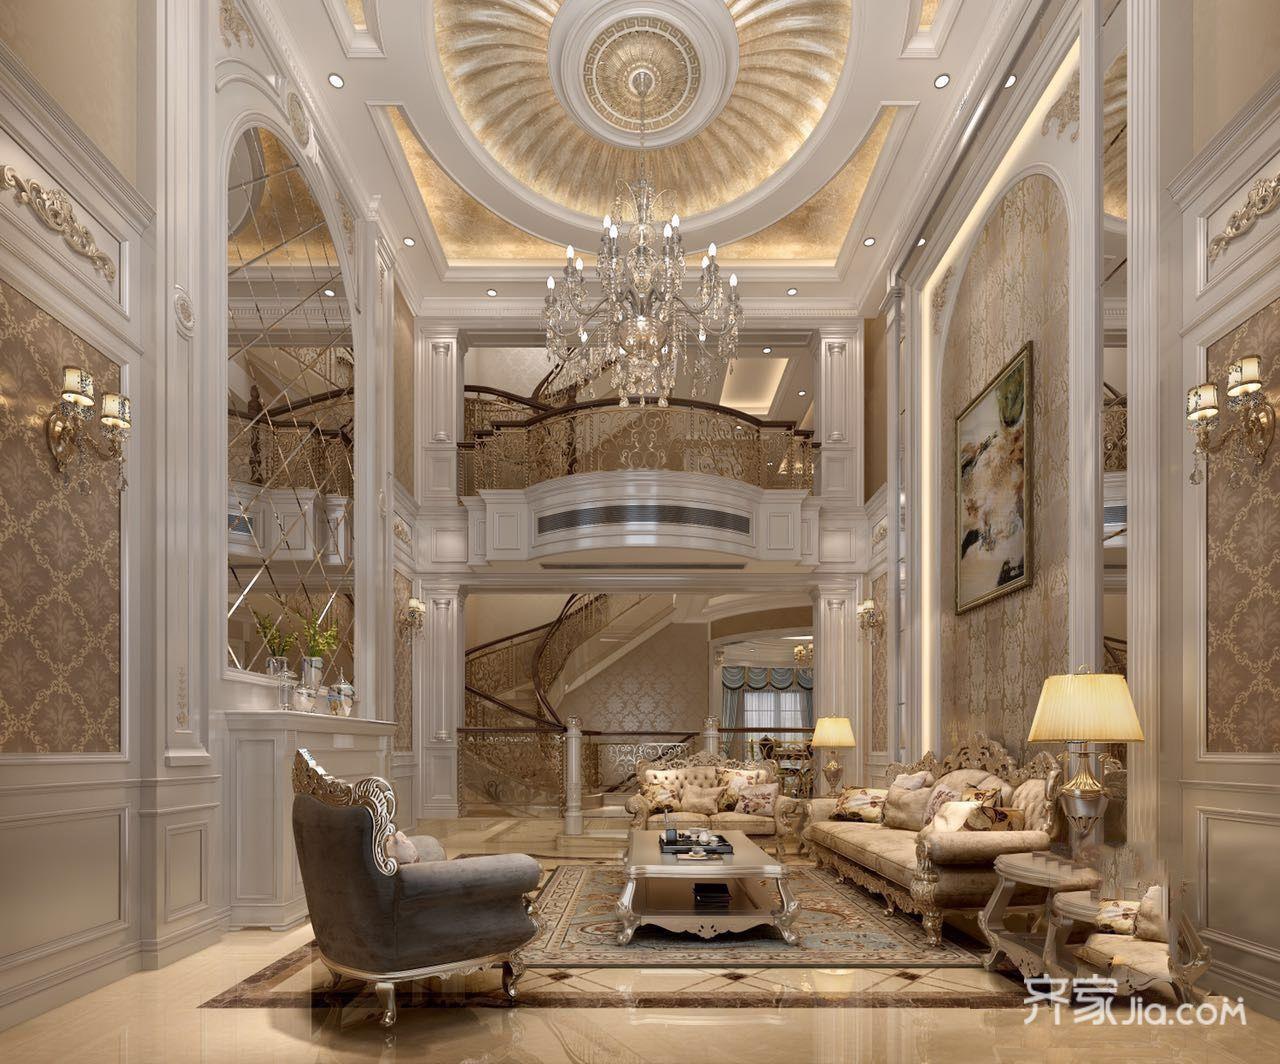 大户型豪华欧式别墅装修效果图